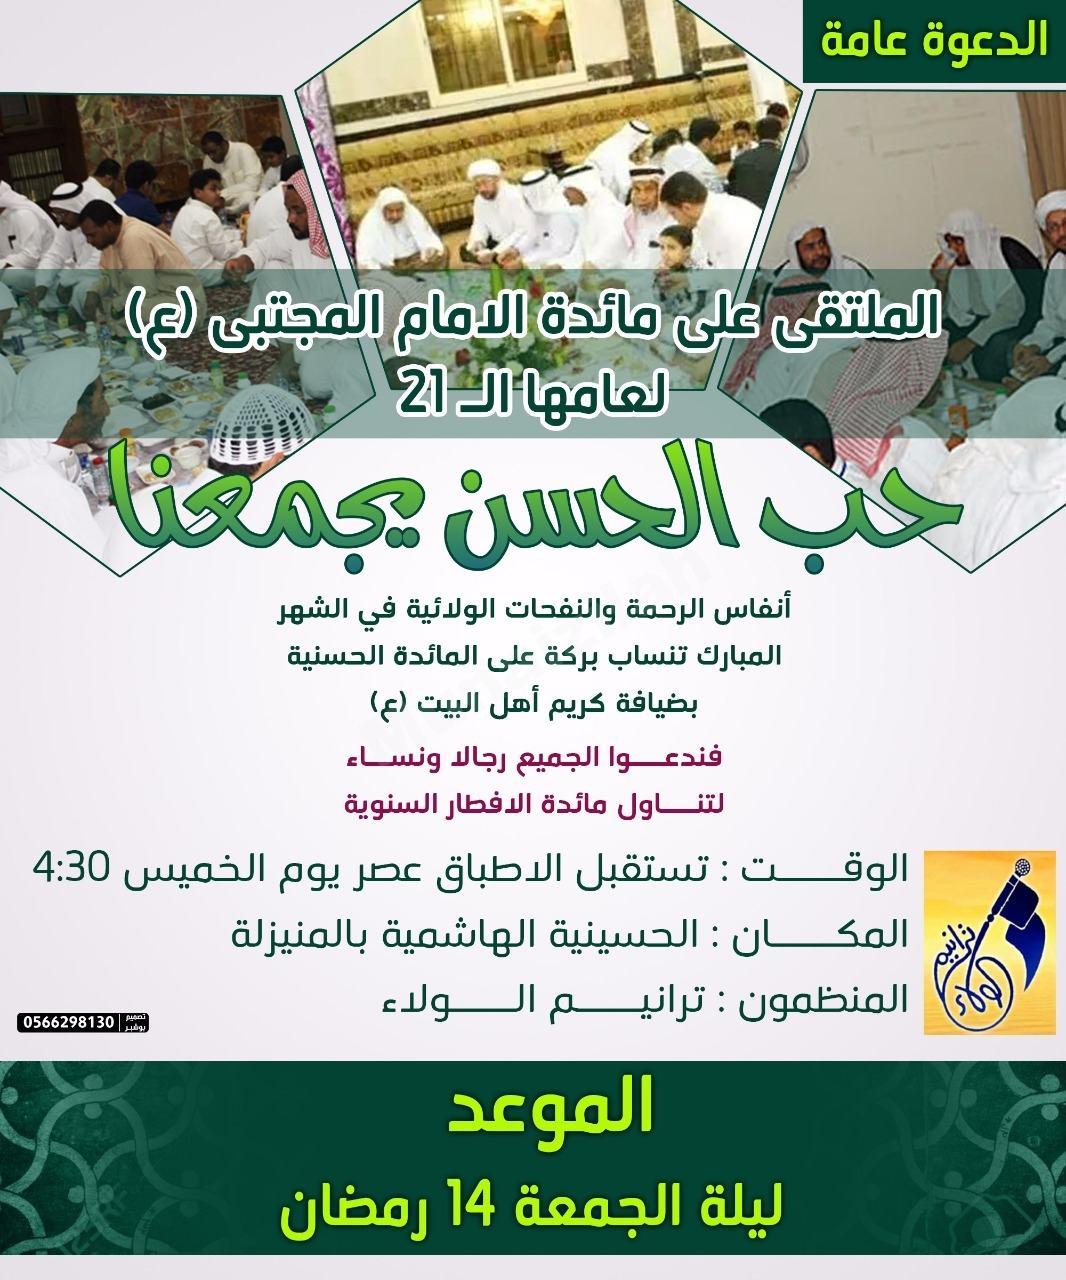 الملتقى على مائدة الامام المجتبى(ع) لعامها ال21 ستقام ليلة الجمعة